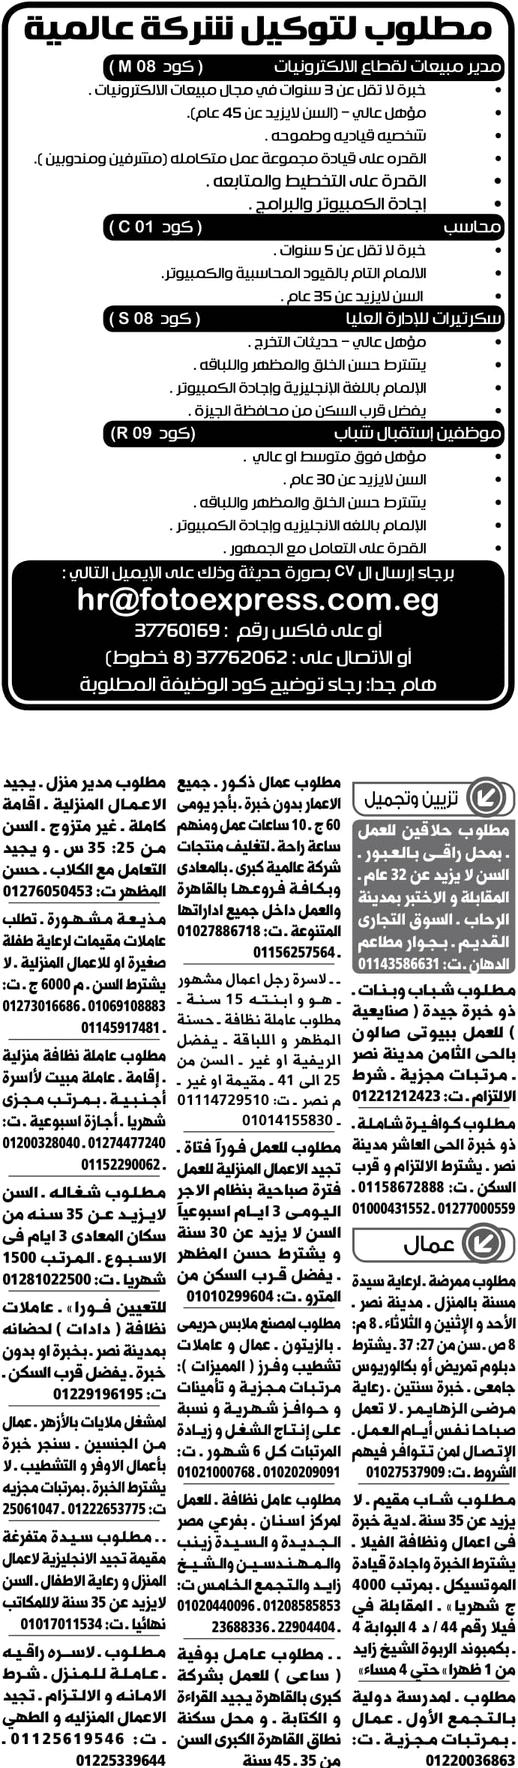 وظائف جريدة الوسيط مصر الأثنين 15/4/2019 10